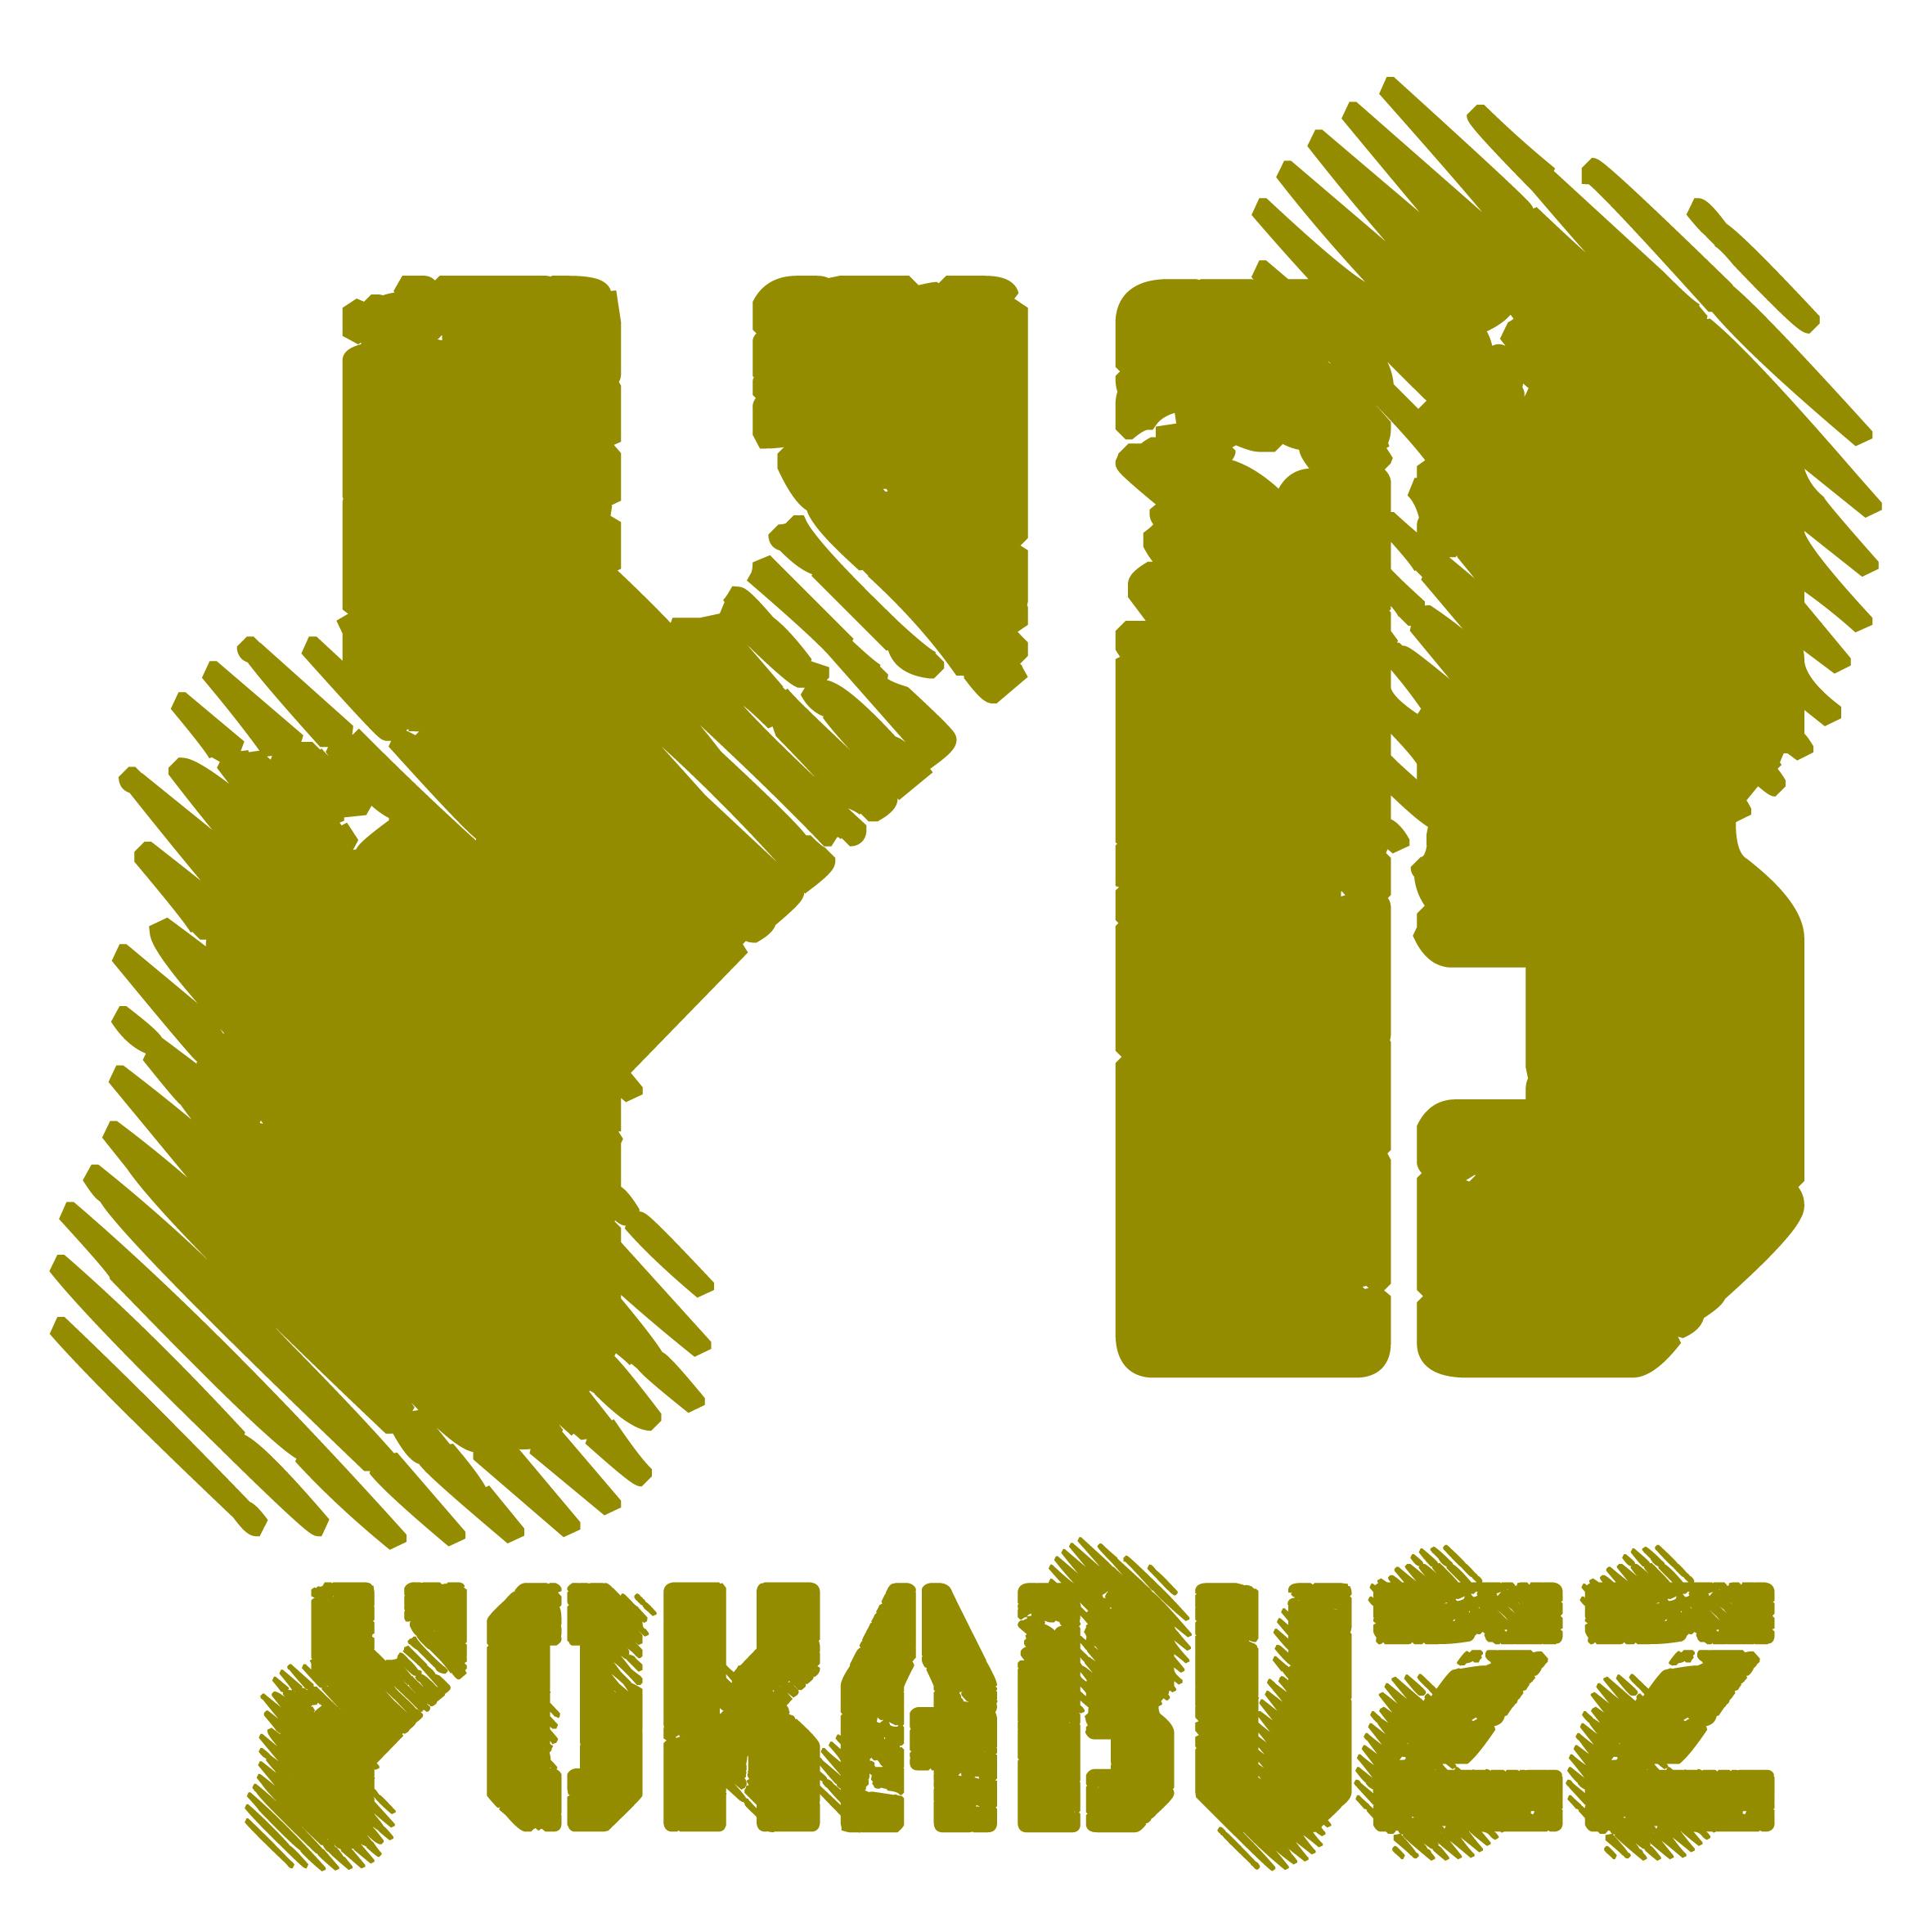 Yokabuzz